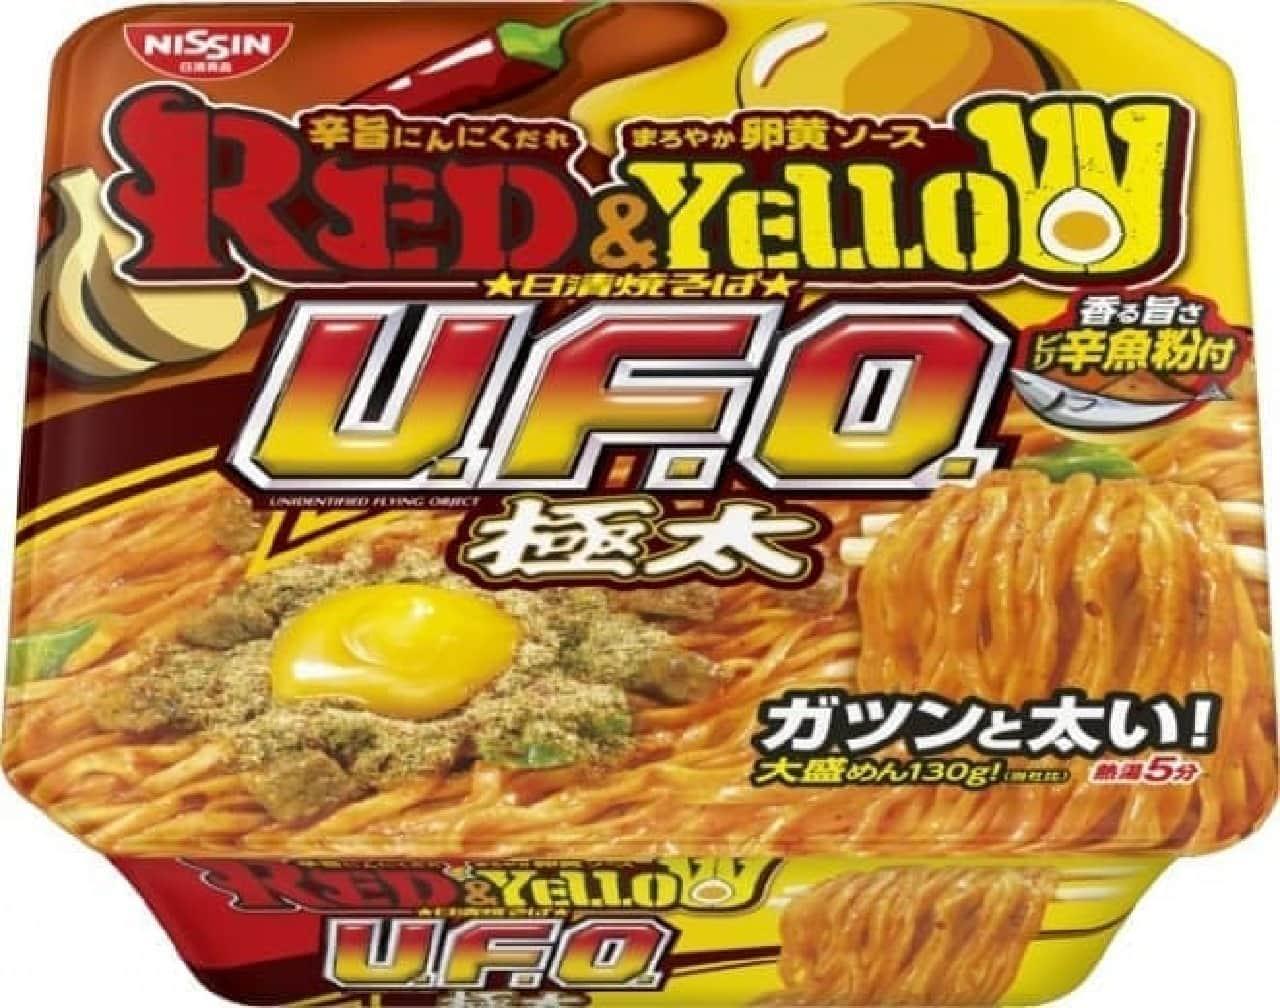 日清食品「日清焼そば U.F.O. 極太 RED&YELLOW」